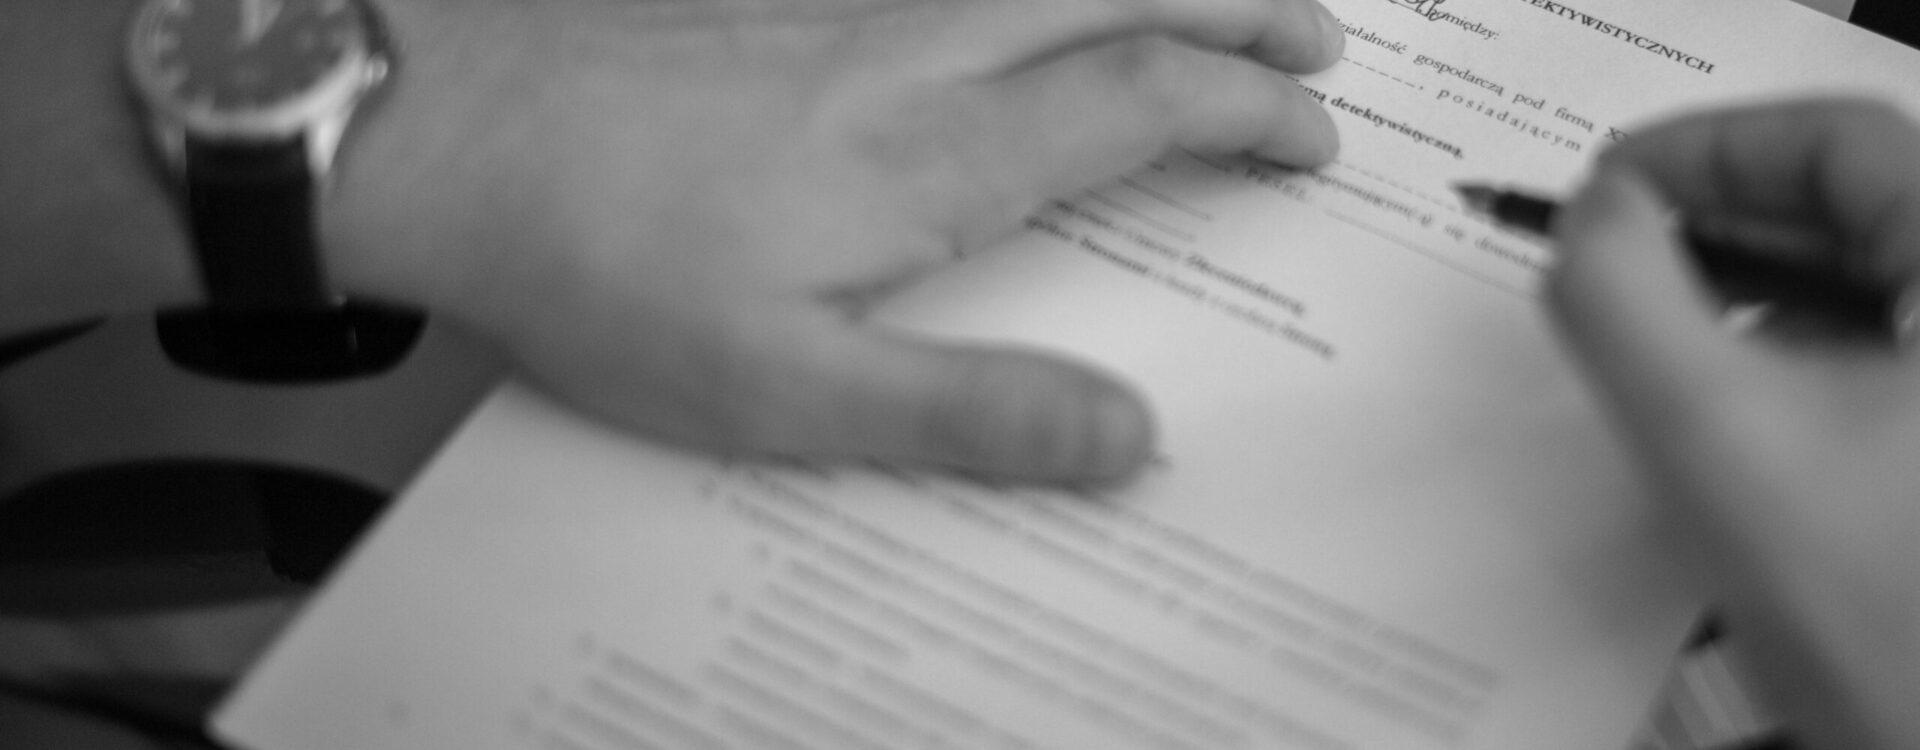 Umowa z agencją detektywistyczną